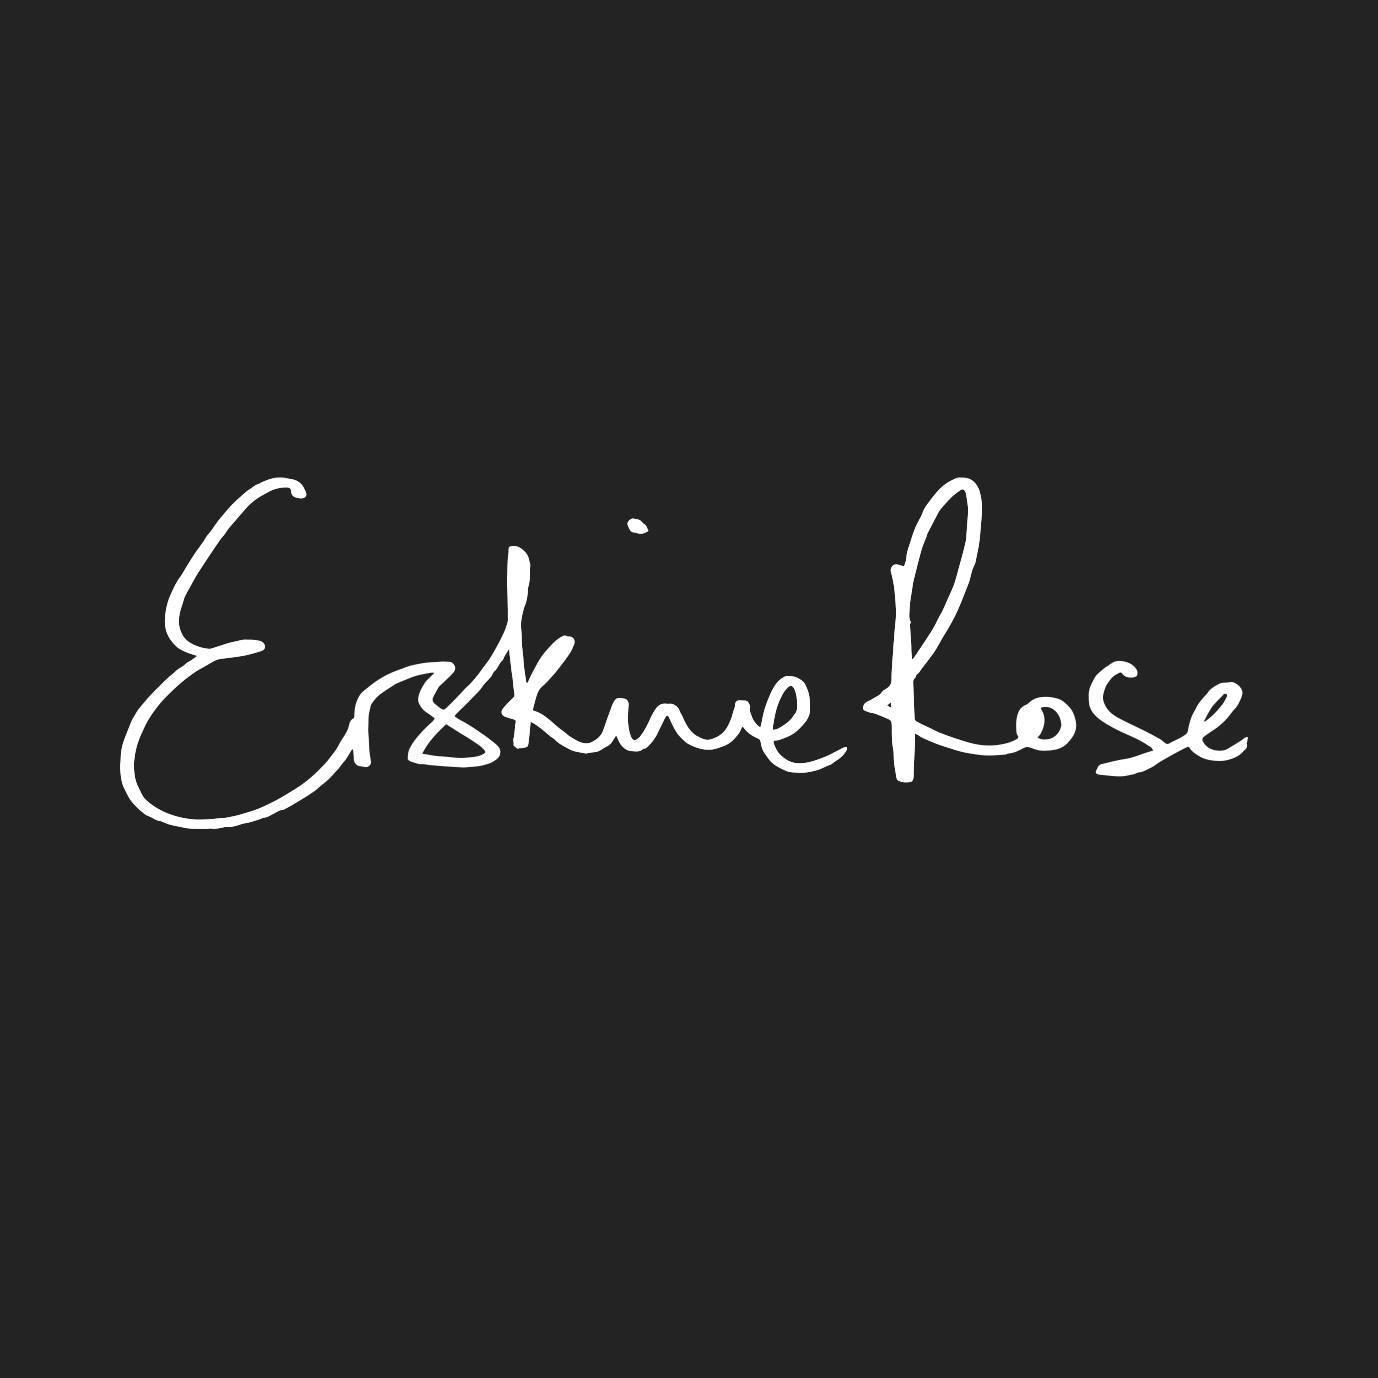 Erskine Rose .jpg